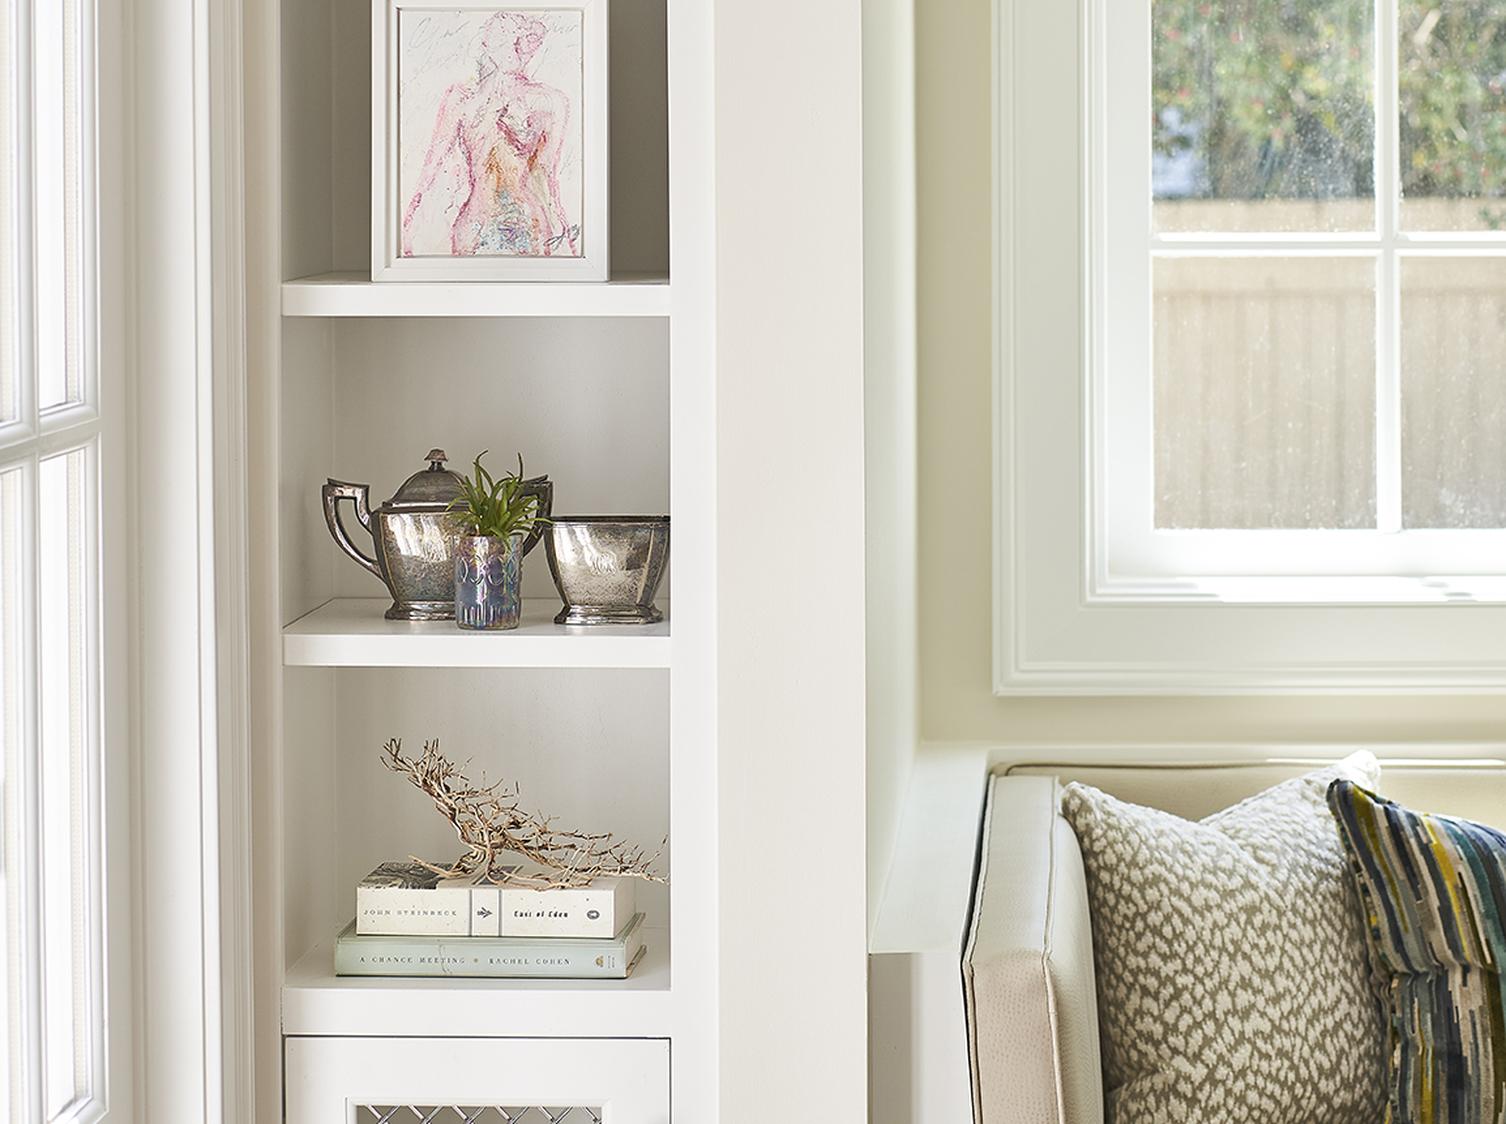 Custom Wood Working book shelves